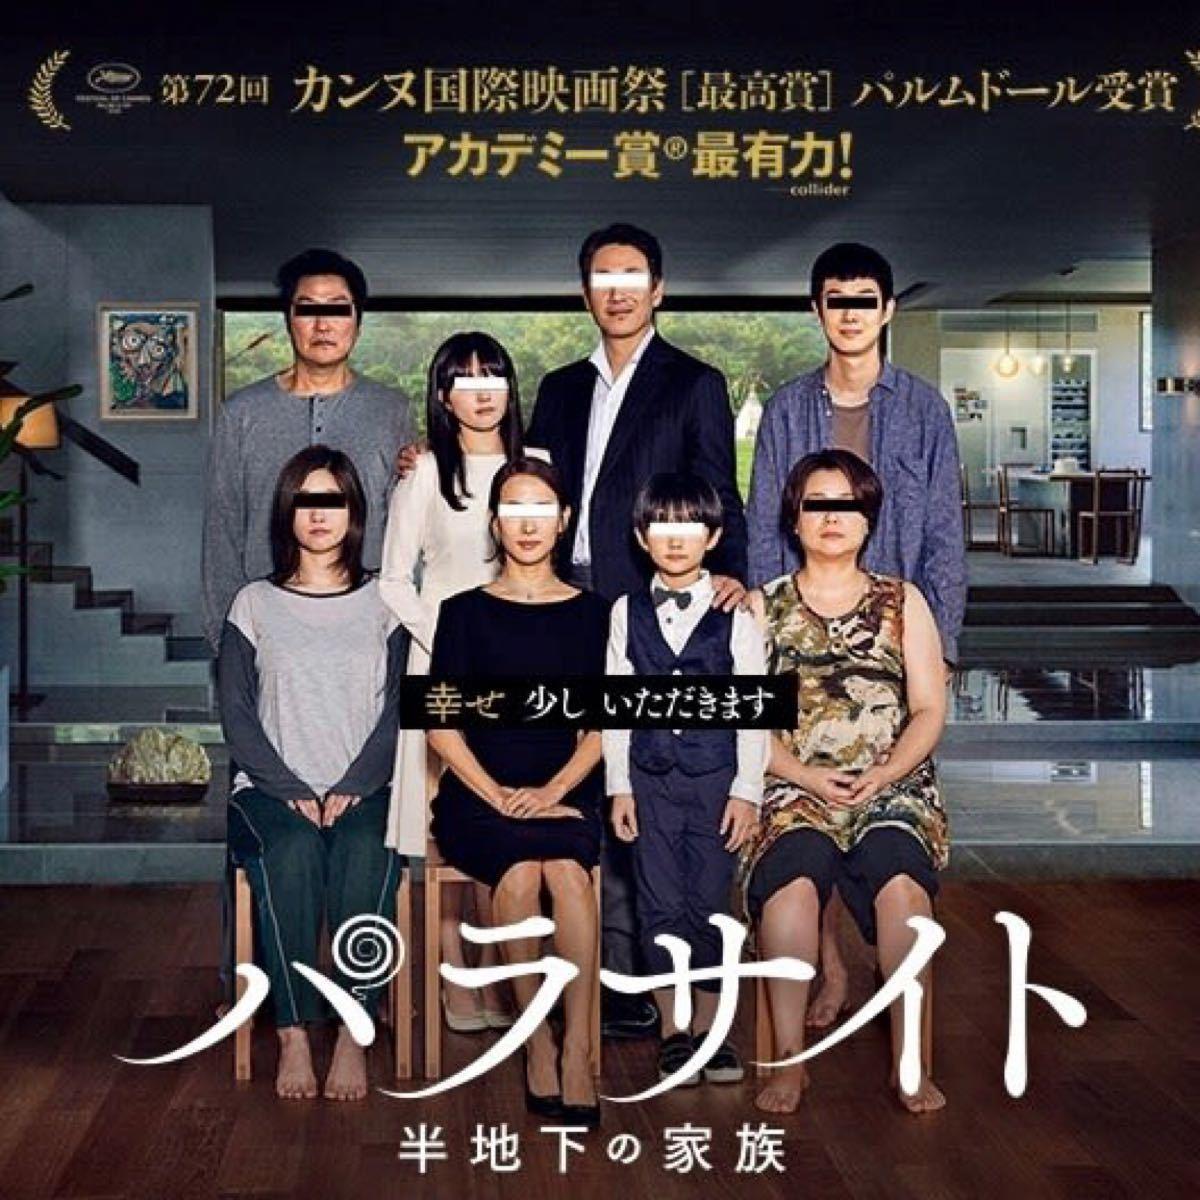 韓国映画  パラサイト  半地下の家族  ソン・ガンホ  DVD  日本語吹替有り  レーベル有り